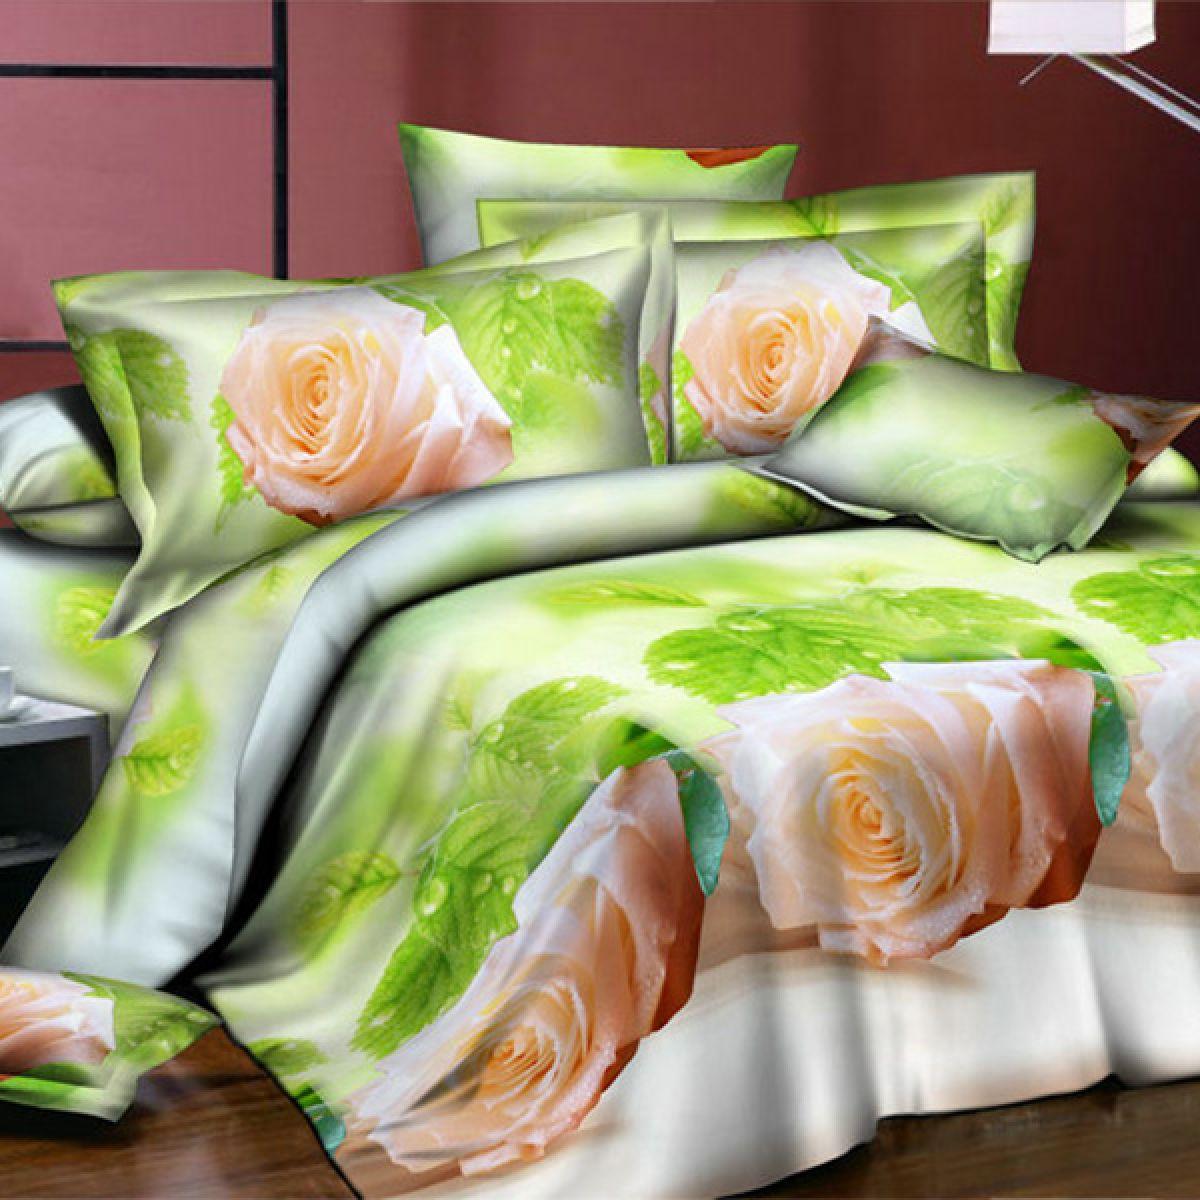 3D Beddings - Cotton World - FSC-357 - 160x200 cm - 3 pcs